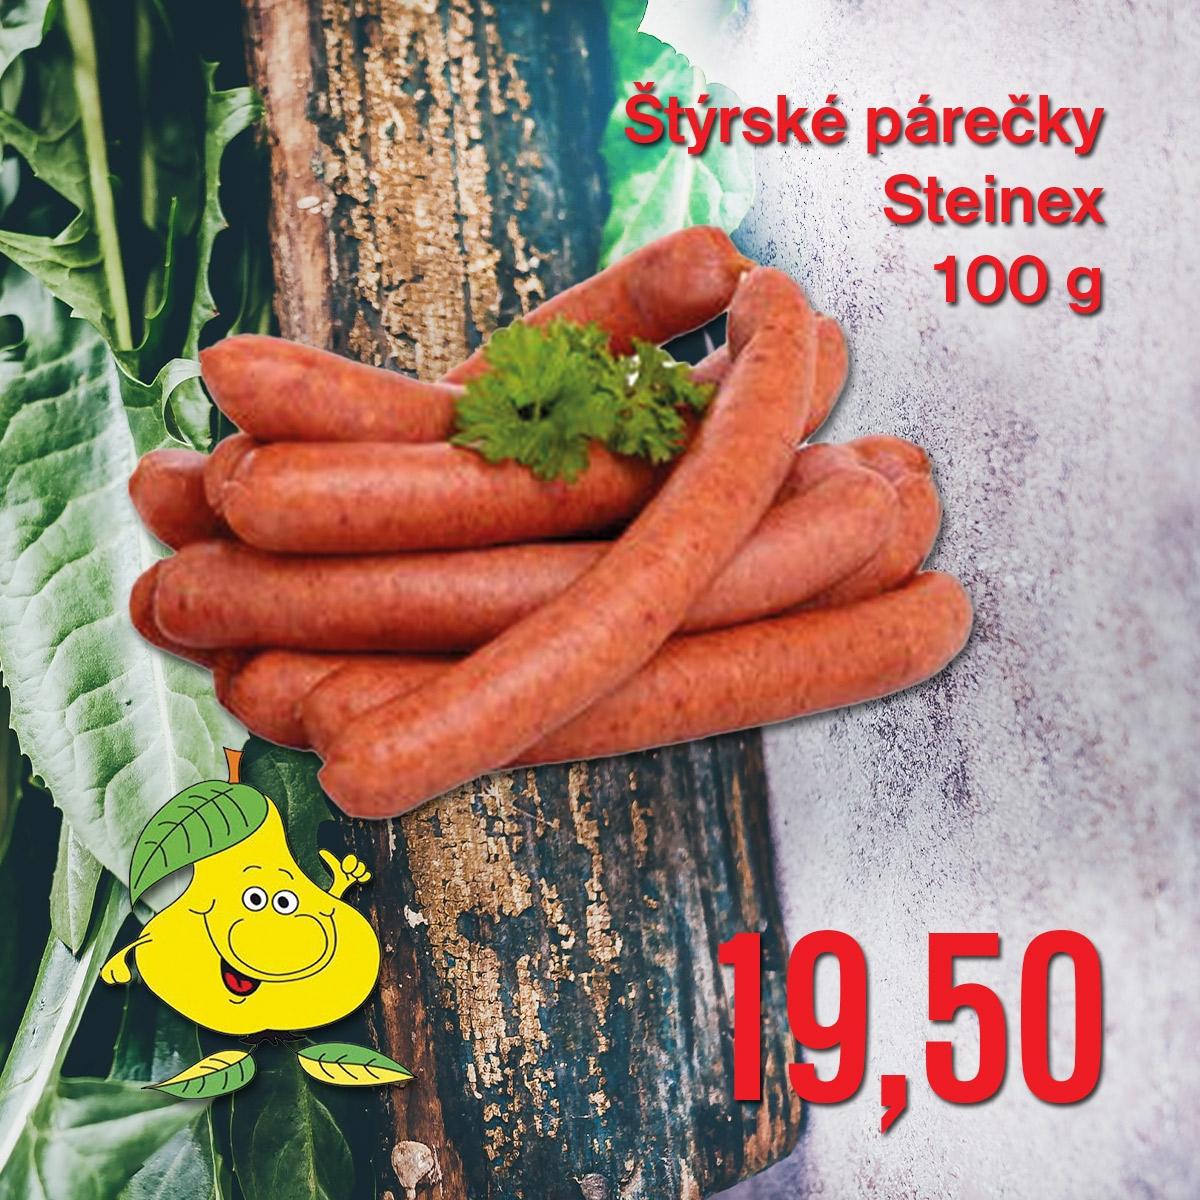 Štýrské párečky Steinex 100 g